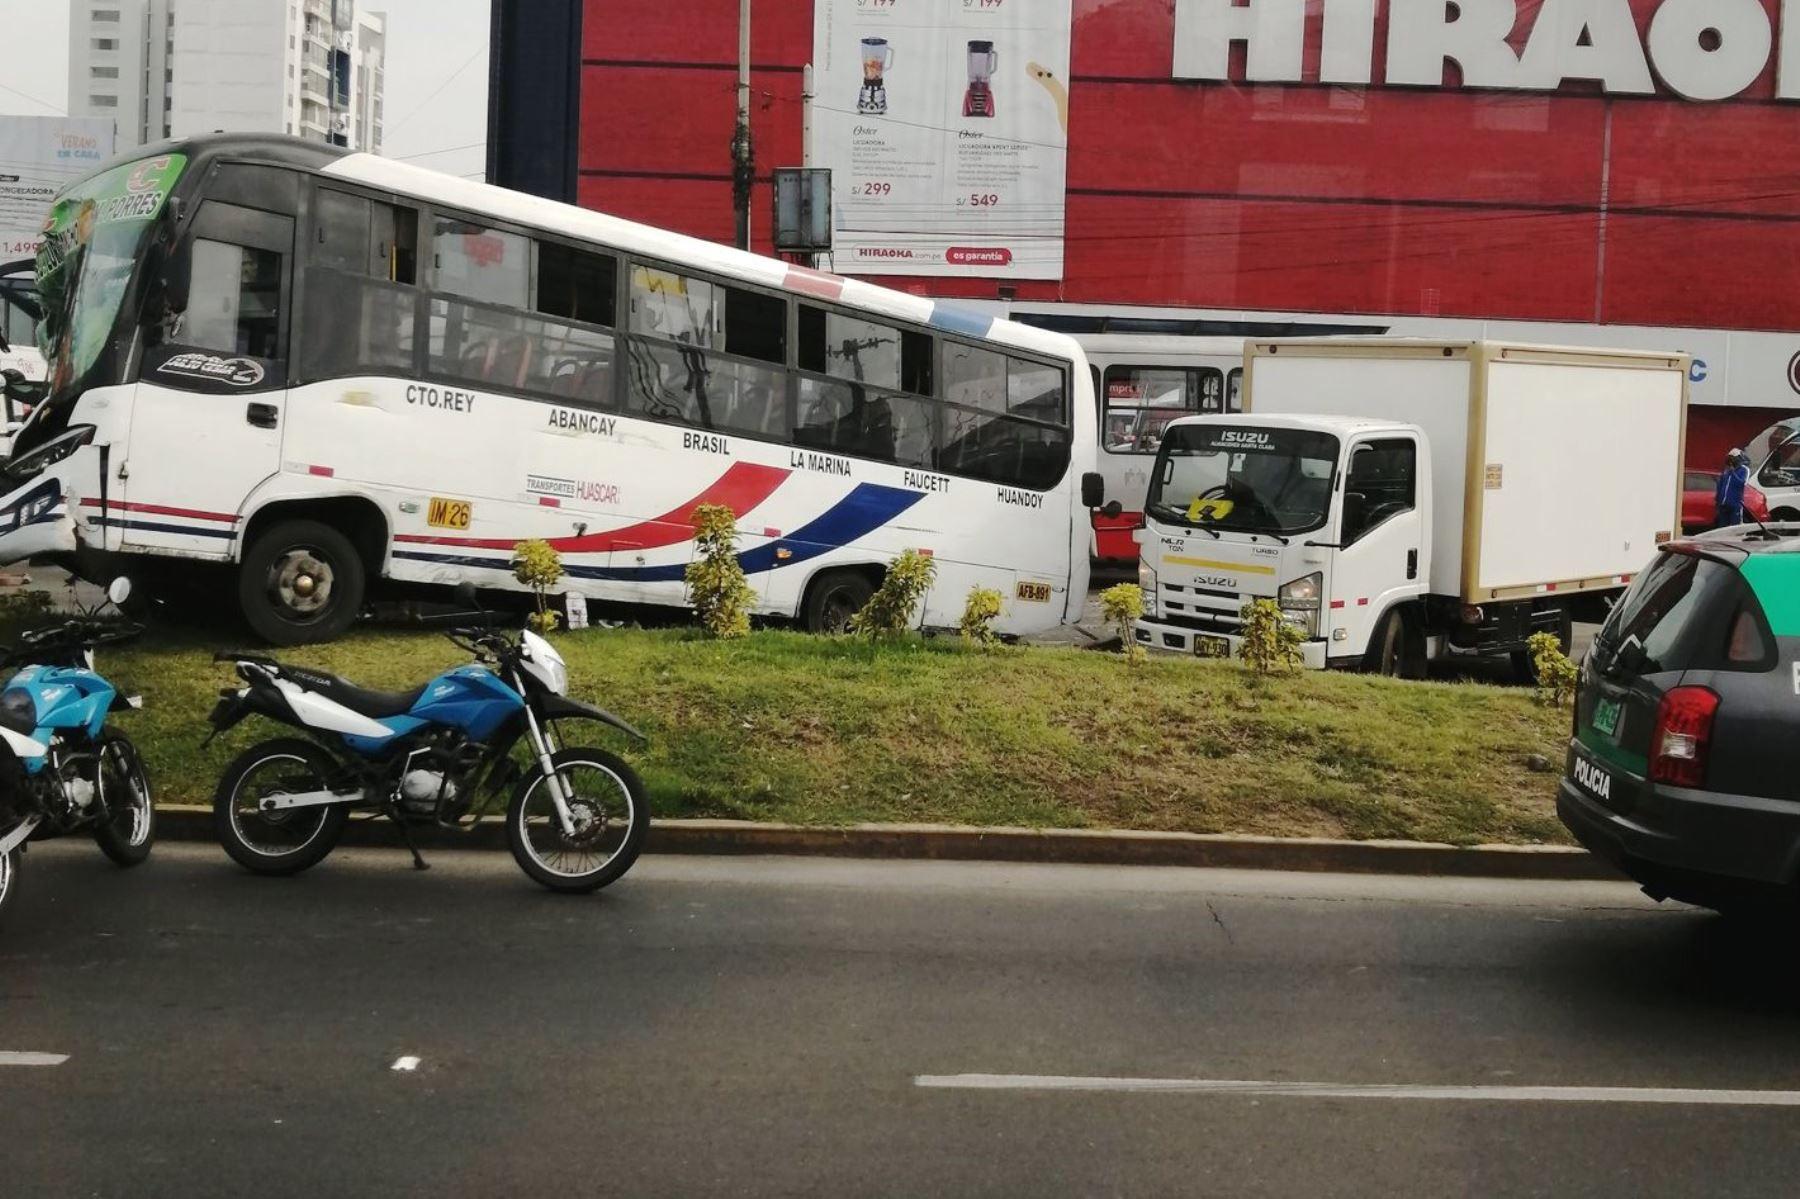 Cuádruple choque en la avenida La Marina, en el distrito de San Miguel. Foto: @CesarManuelC8